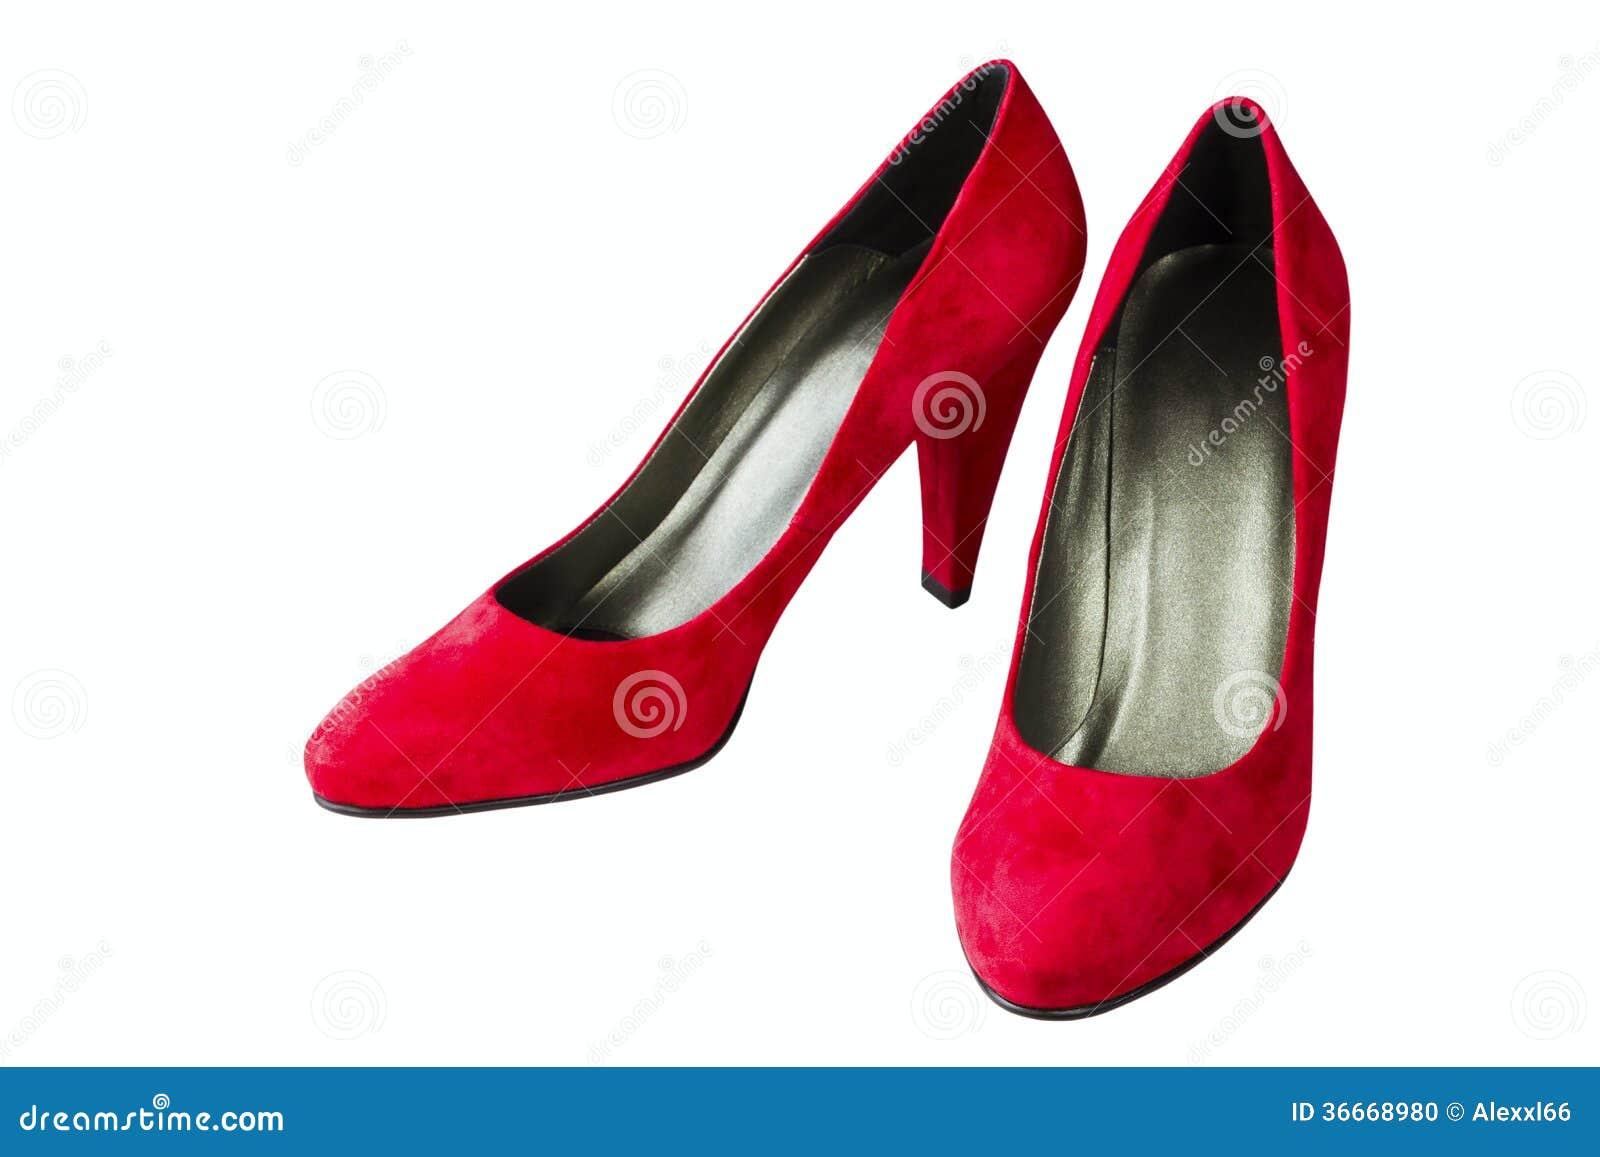 Women's Red Velvet Shoes Stock Photo - Image: 36668980